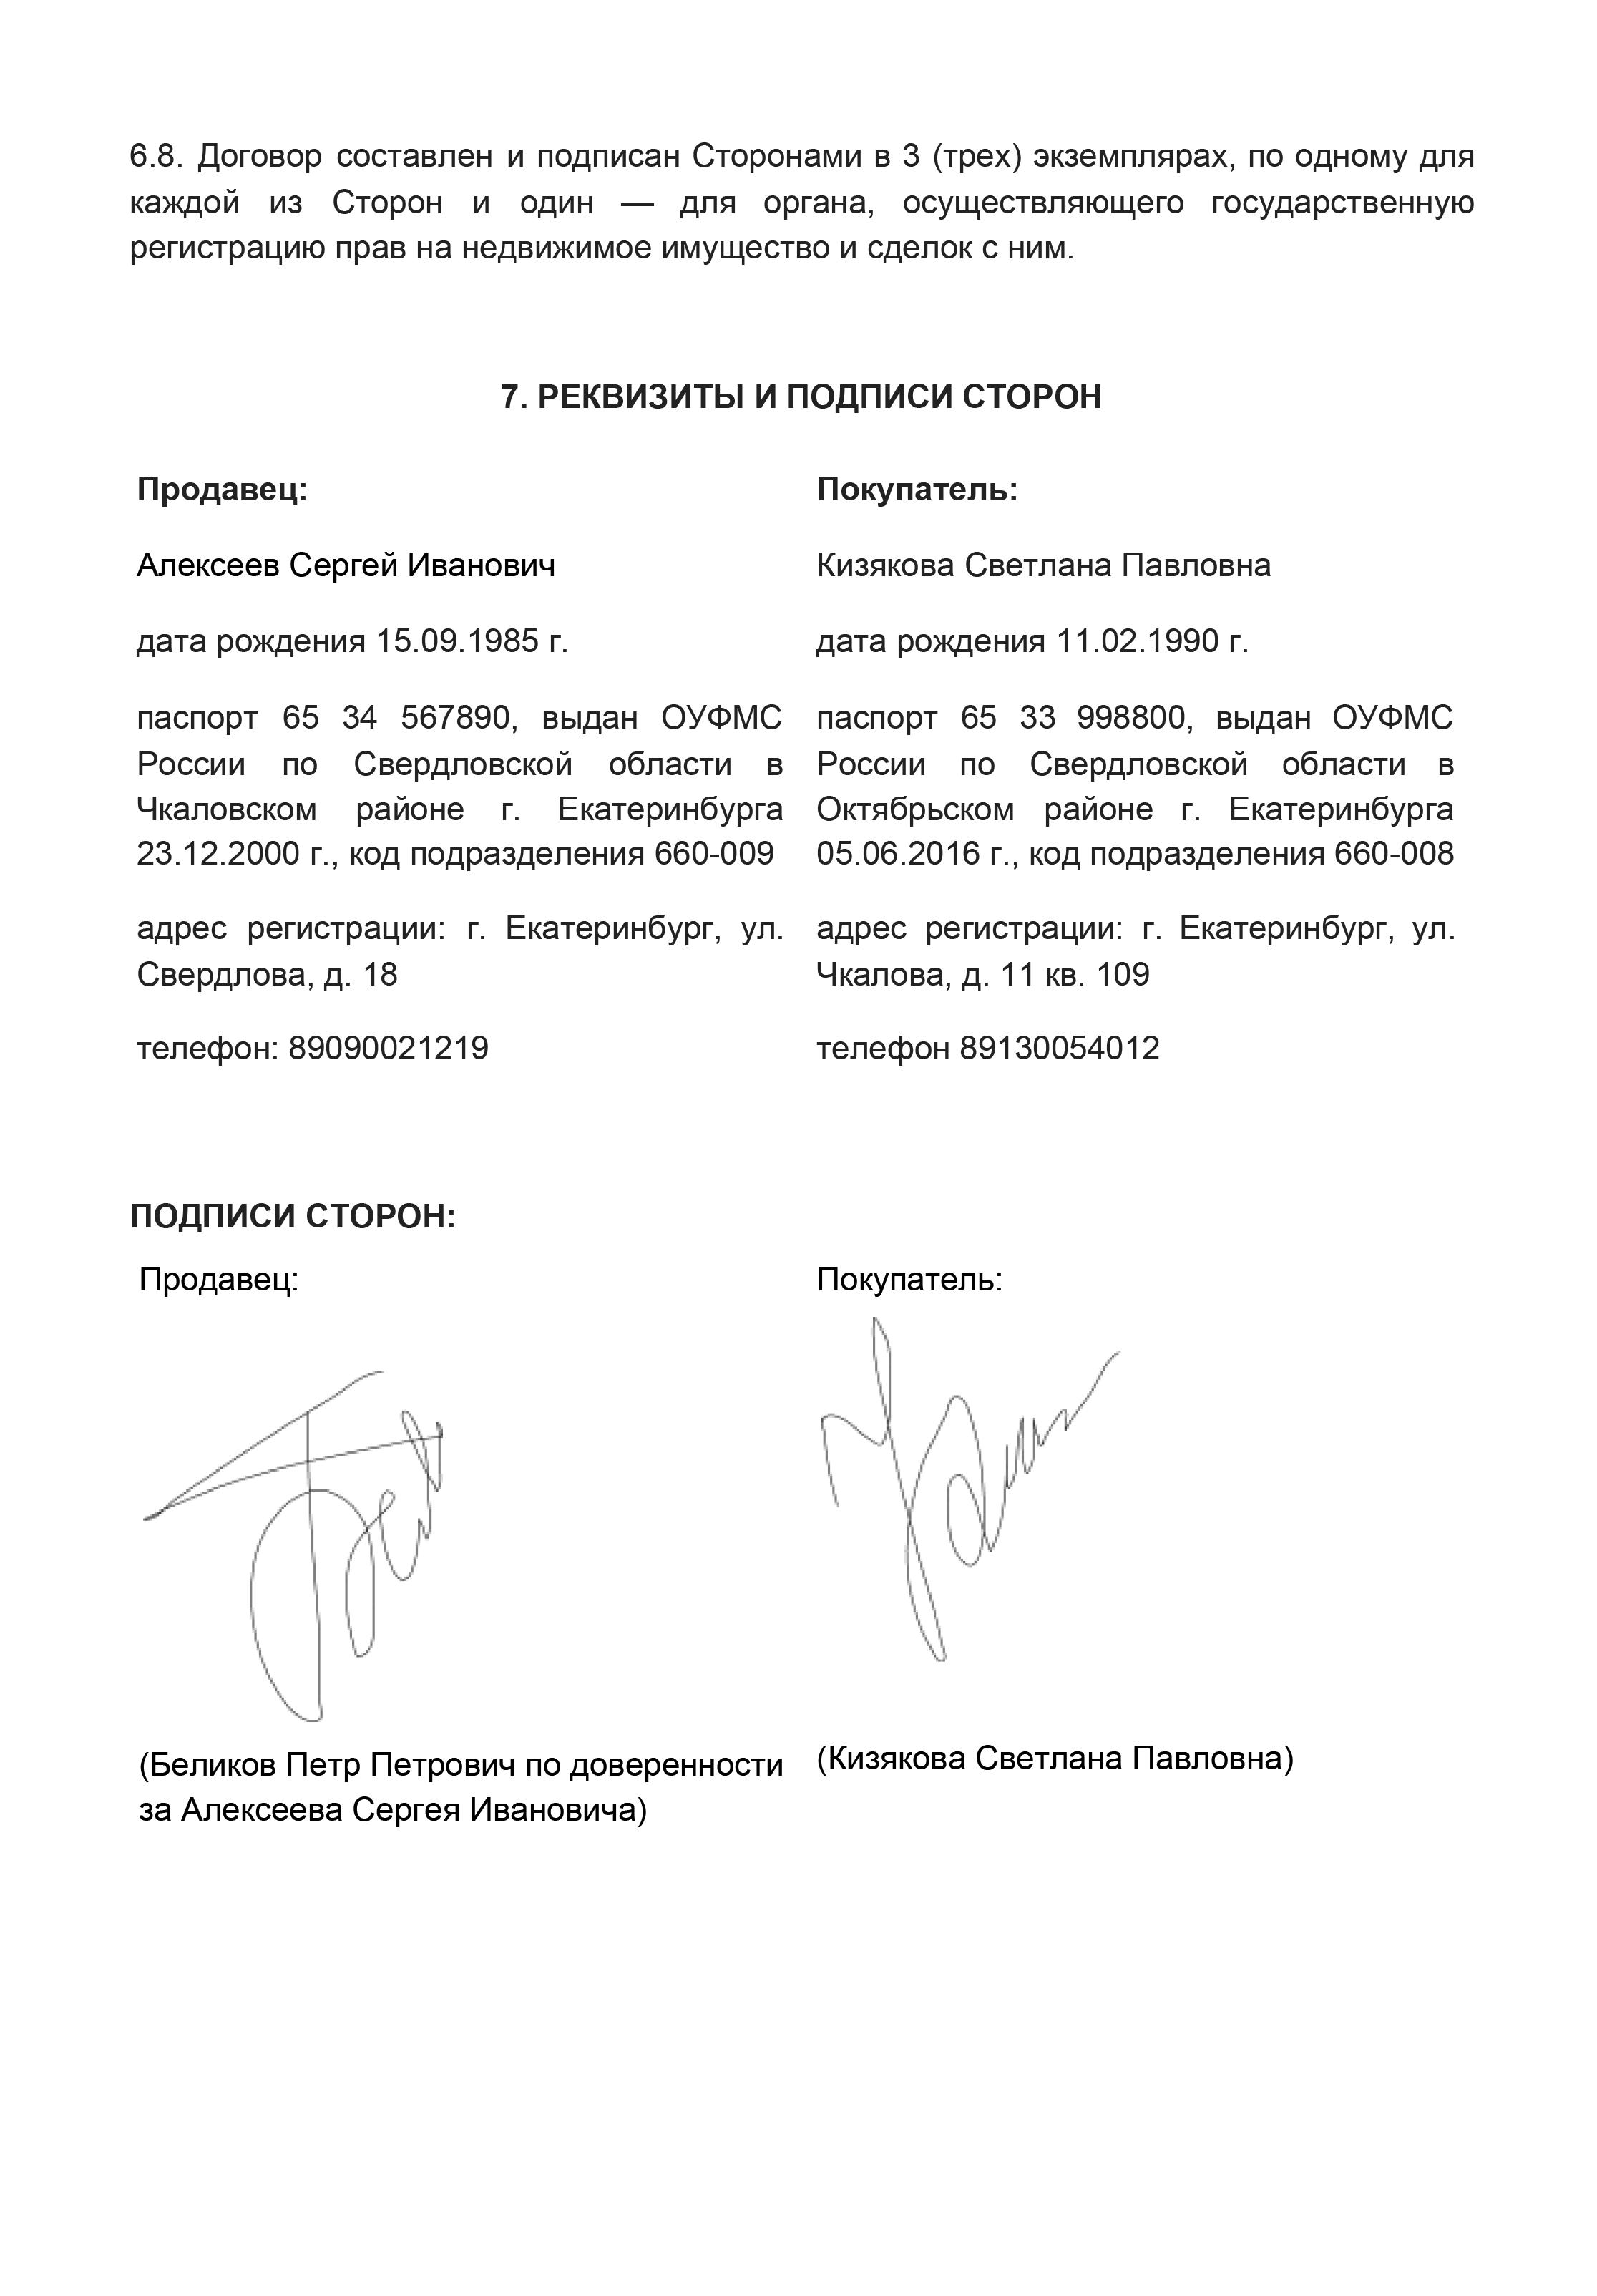 Как оформить договор купли-продажи земельного участка